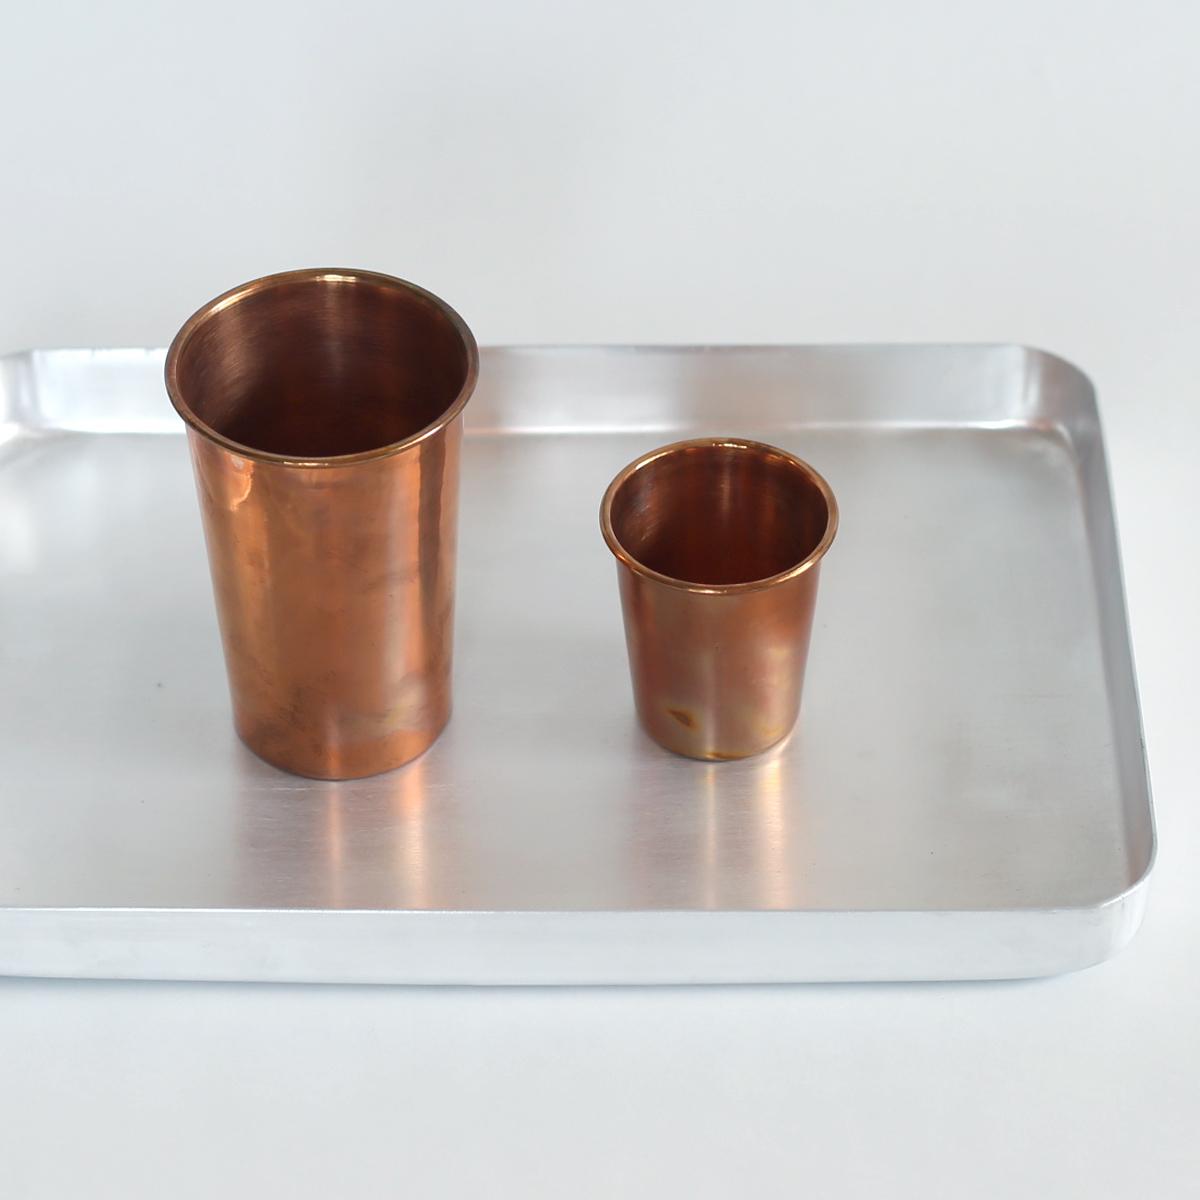 インドの銅のカップ おしゃれ かわいい カップ